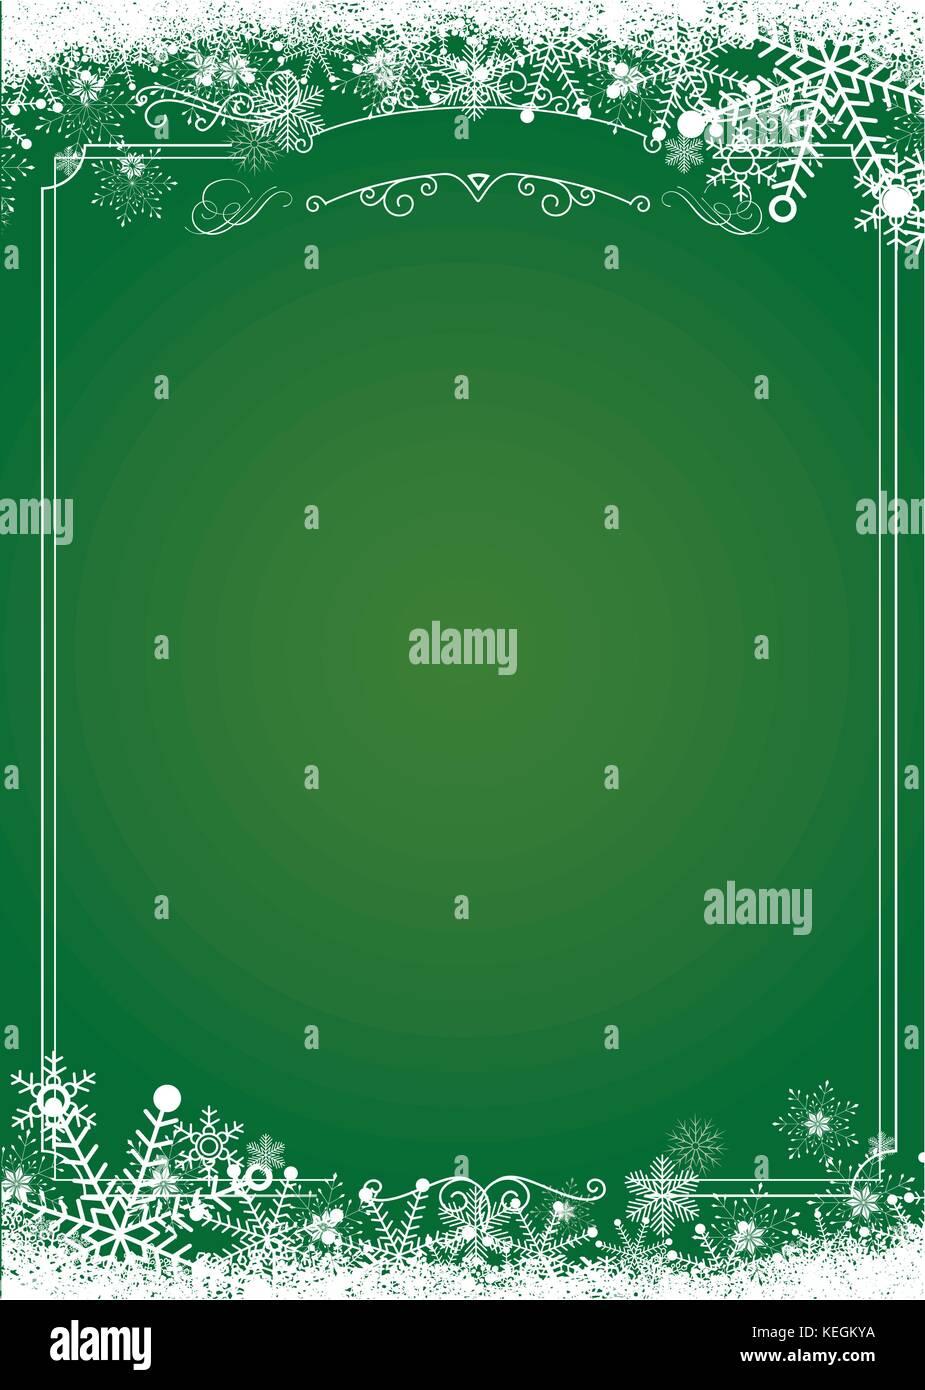 Format A3 Menü vertikal - Weihnachten Farbverlauf grün mit retro ...